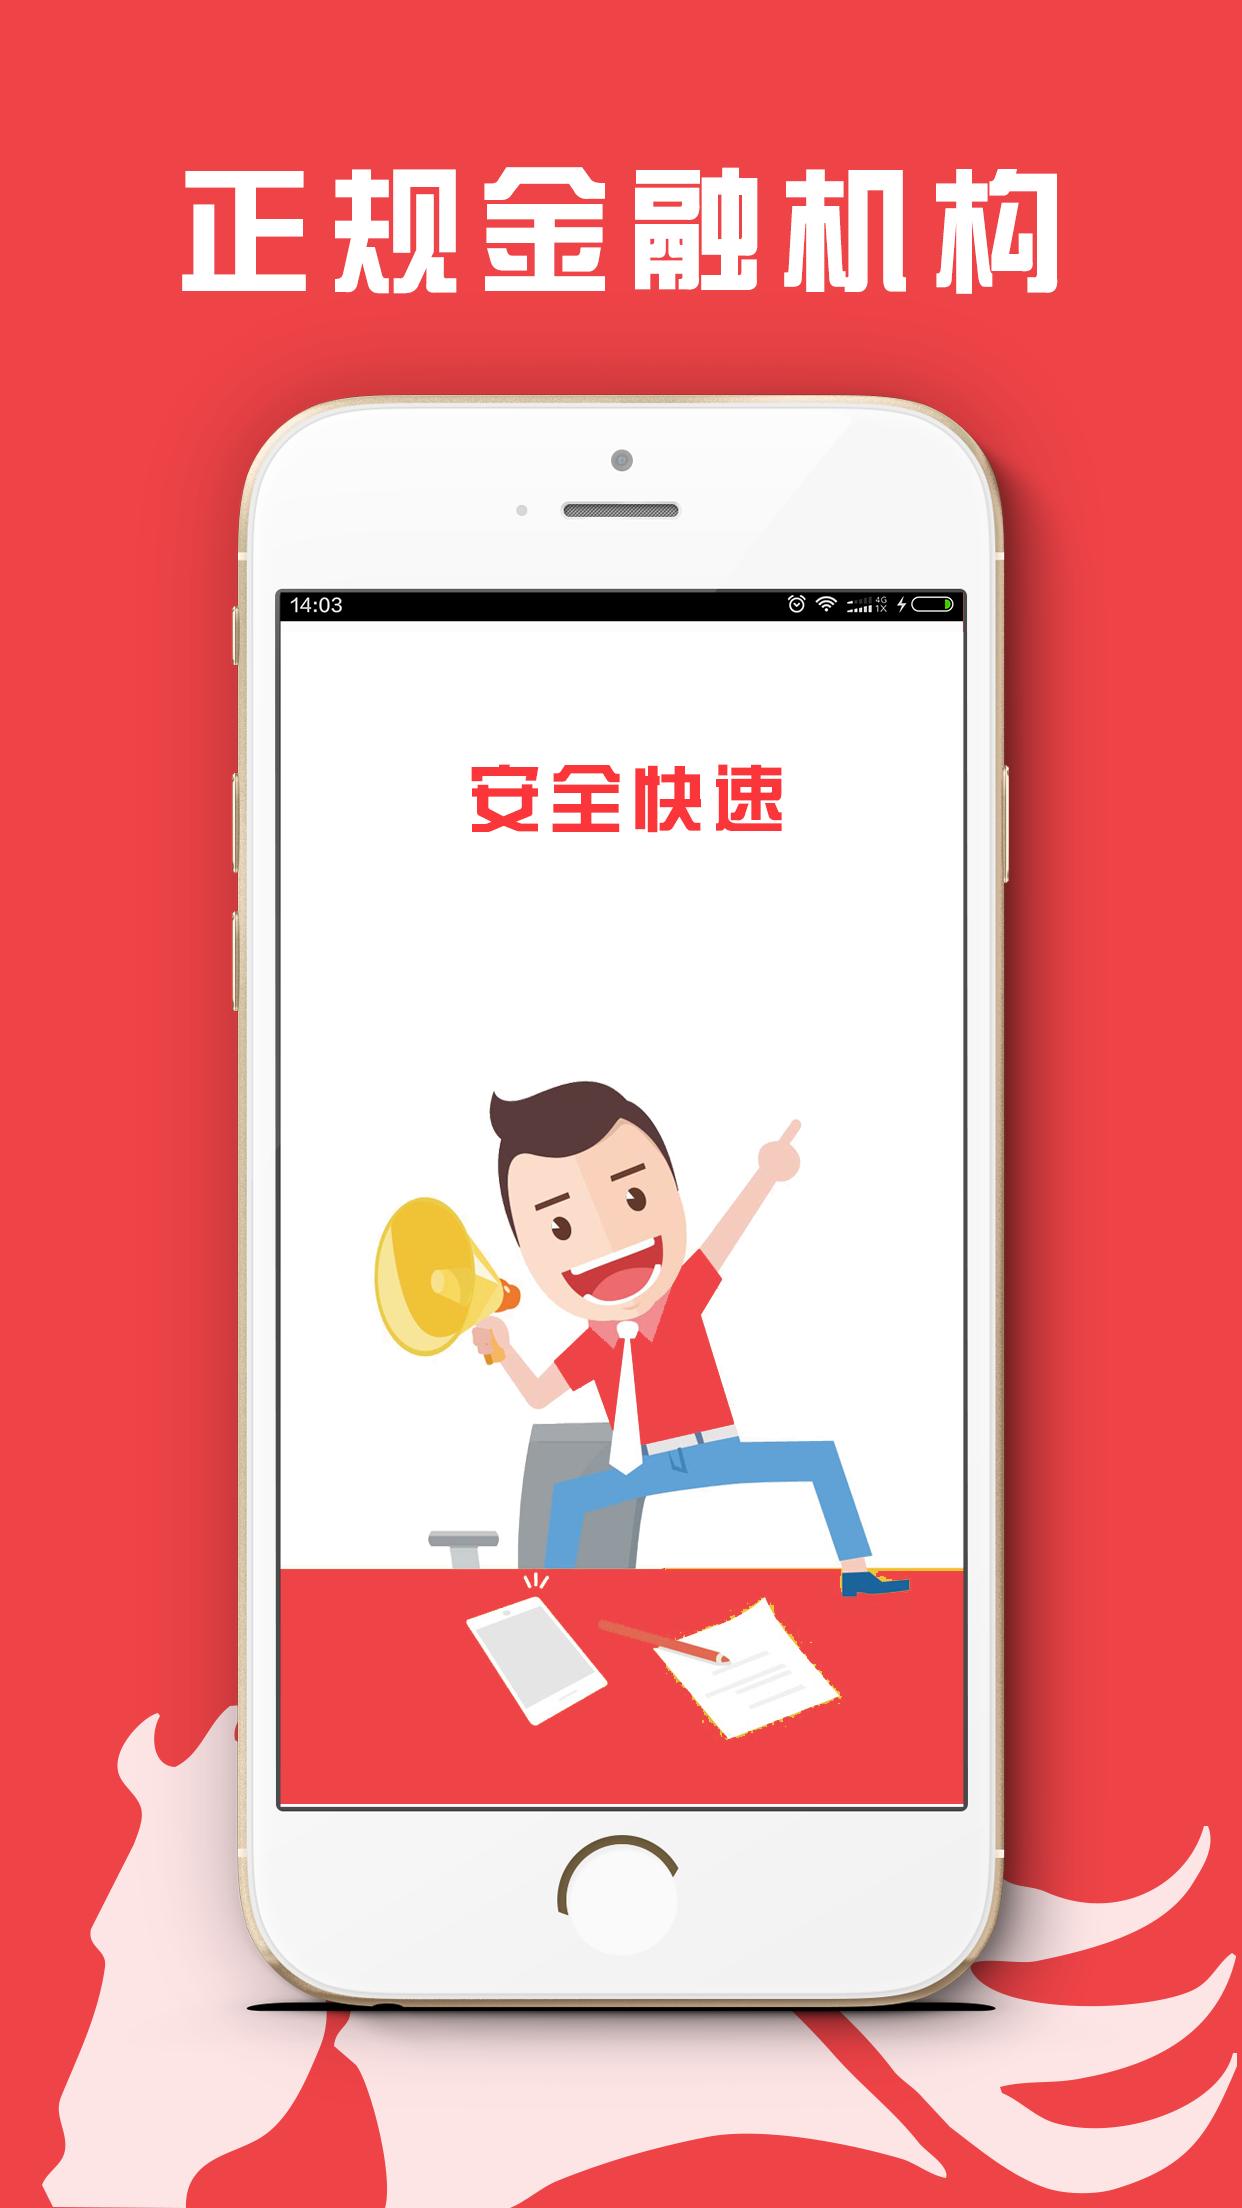 闪讯钱包贷款app官方手机版下载图4: